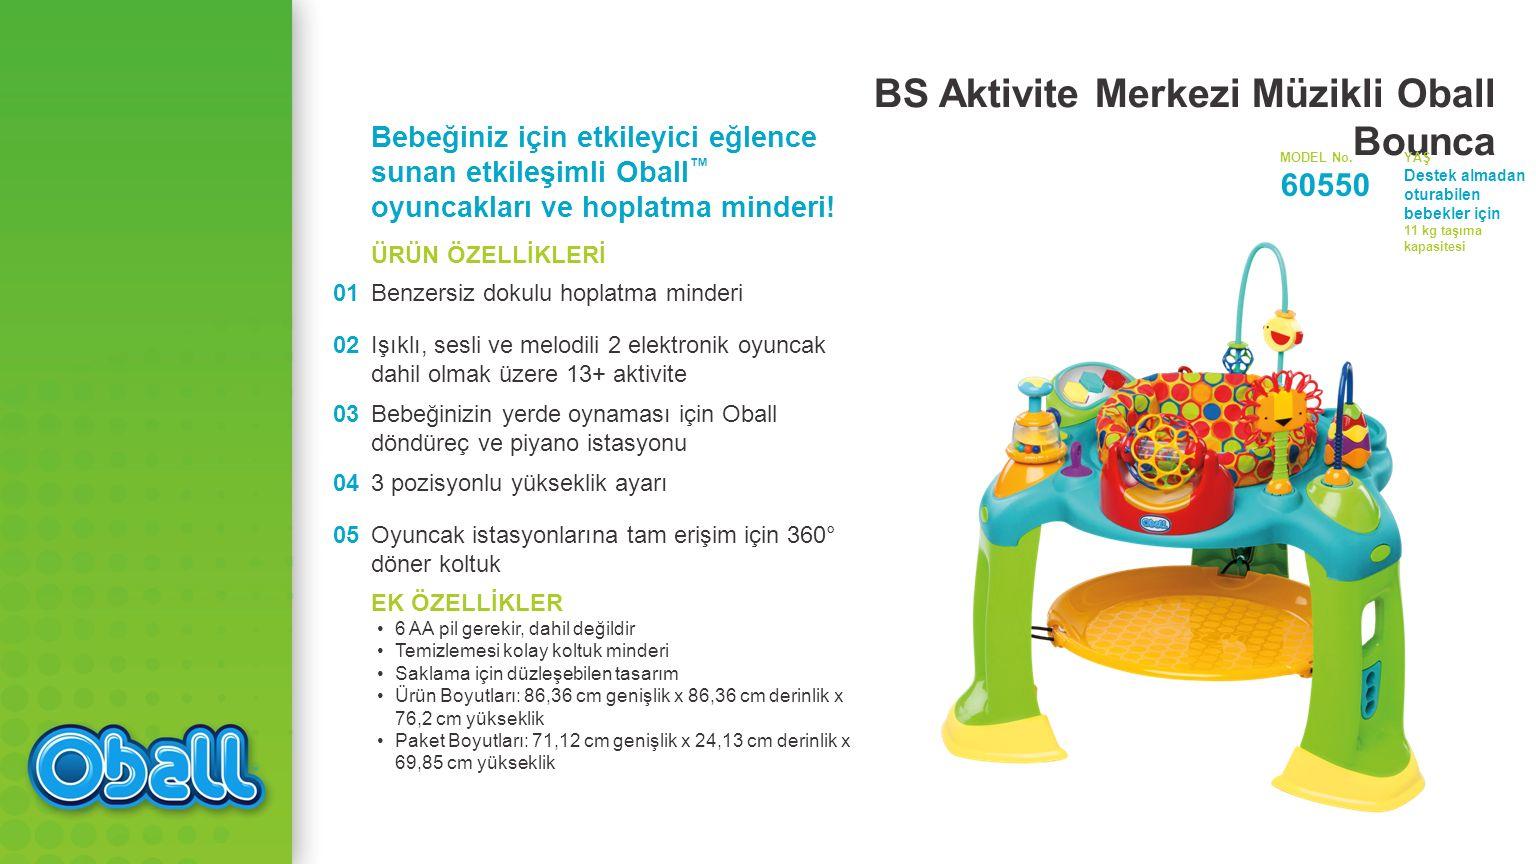 BS Aktivite Merkezi Müzikli Oball Bounca Bebeğiniz için etkileyici eğlence sunan etkileşimli Oball ™ oyuncakları ve hoplatma minderi! ÜRÜN ÖZELLİKLERİ